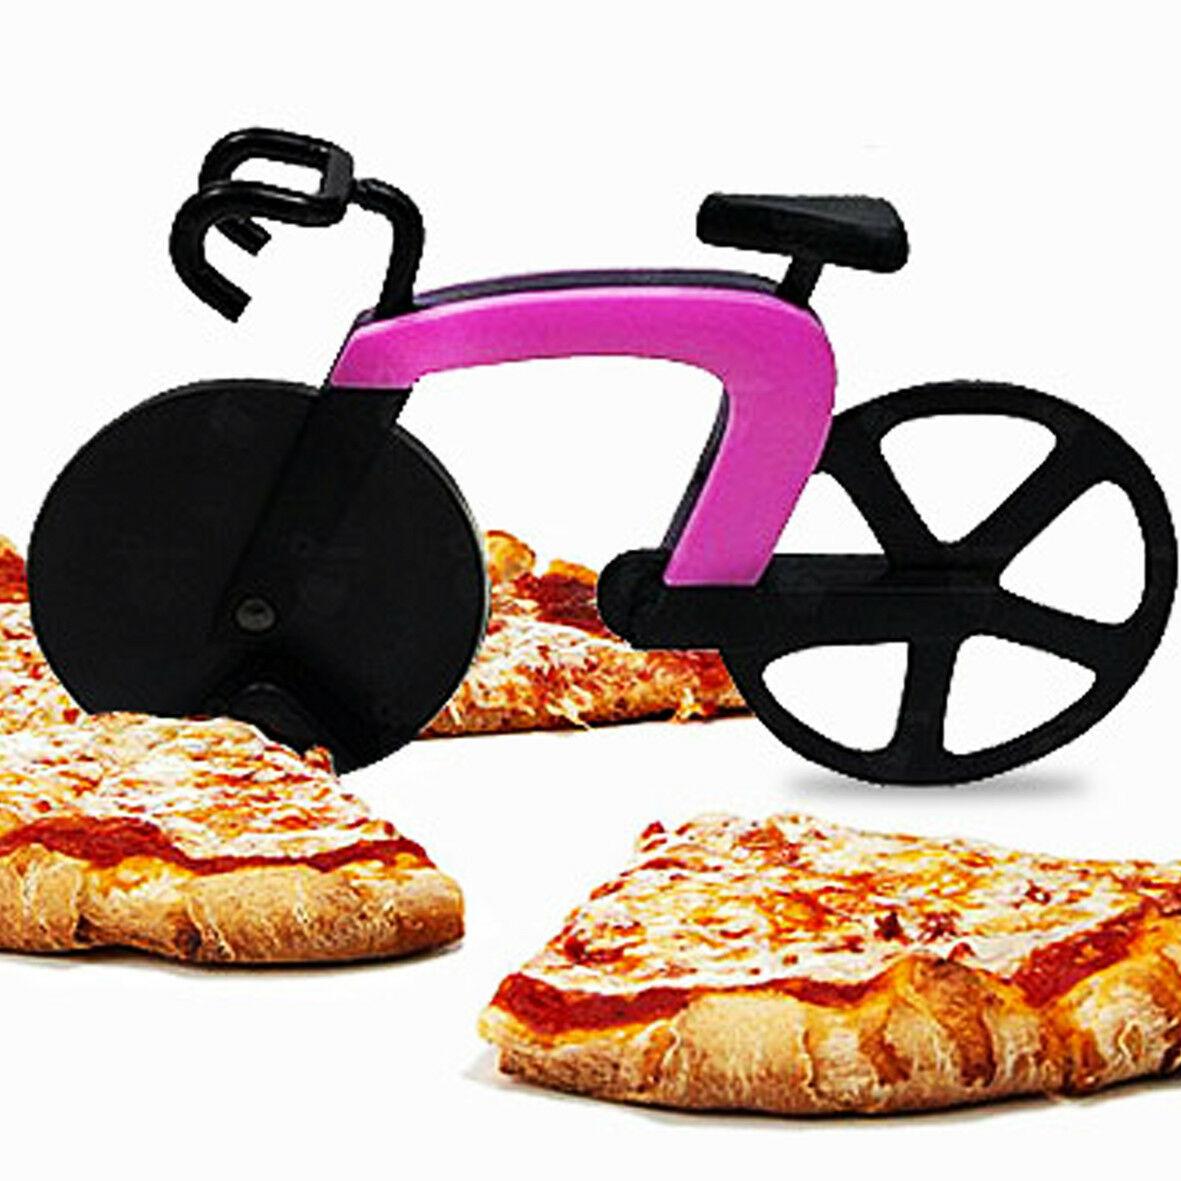 BICI-Bicicletta da corsa taglia pizza in acciaio inossidabile,3 colori diam. 7,5